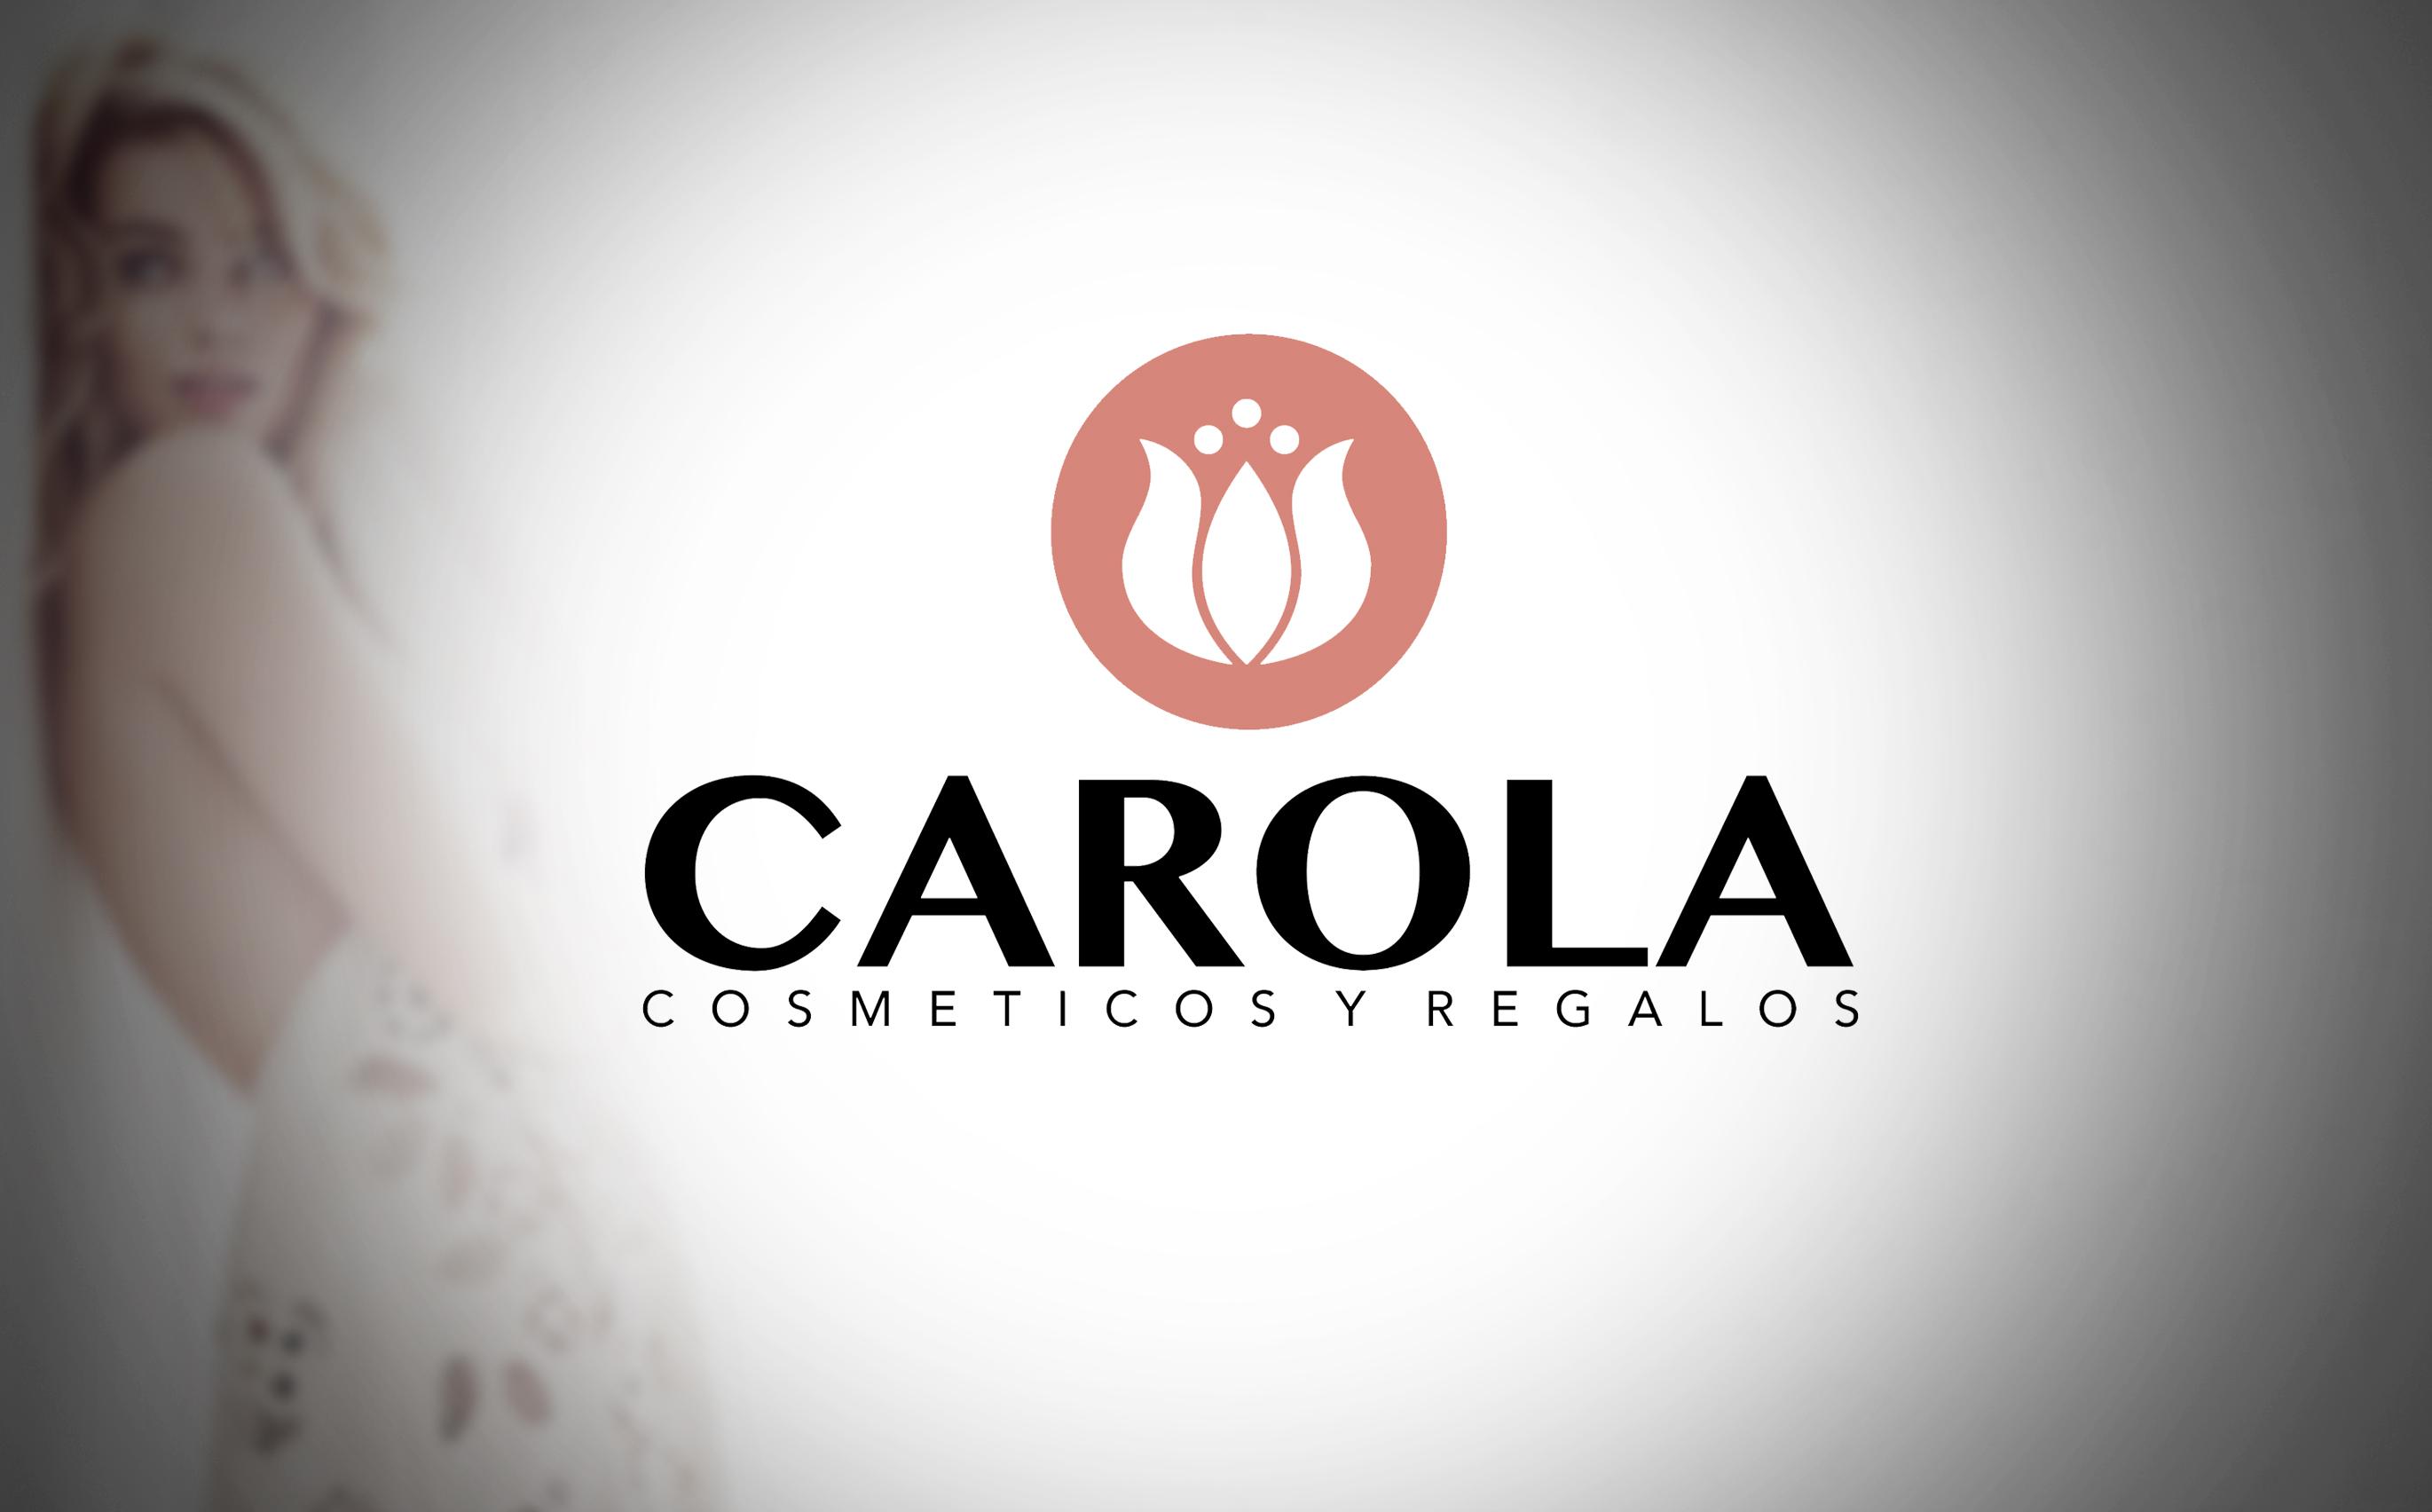 CAROLA-Logo-Design-byLG-02